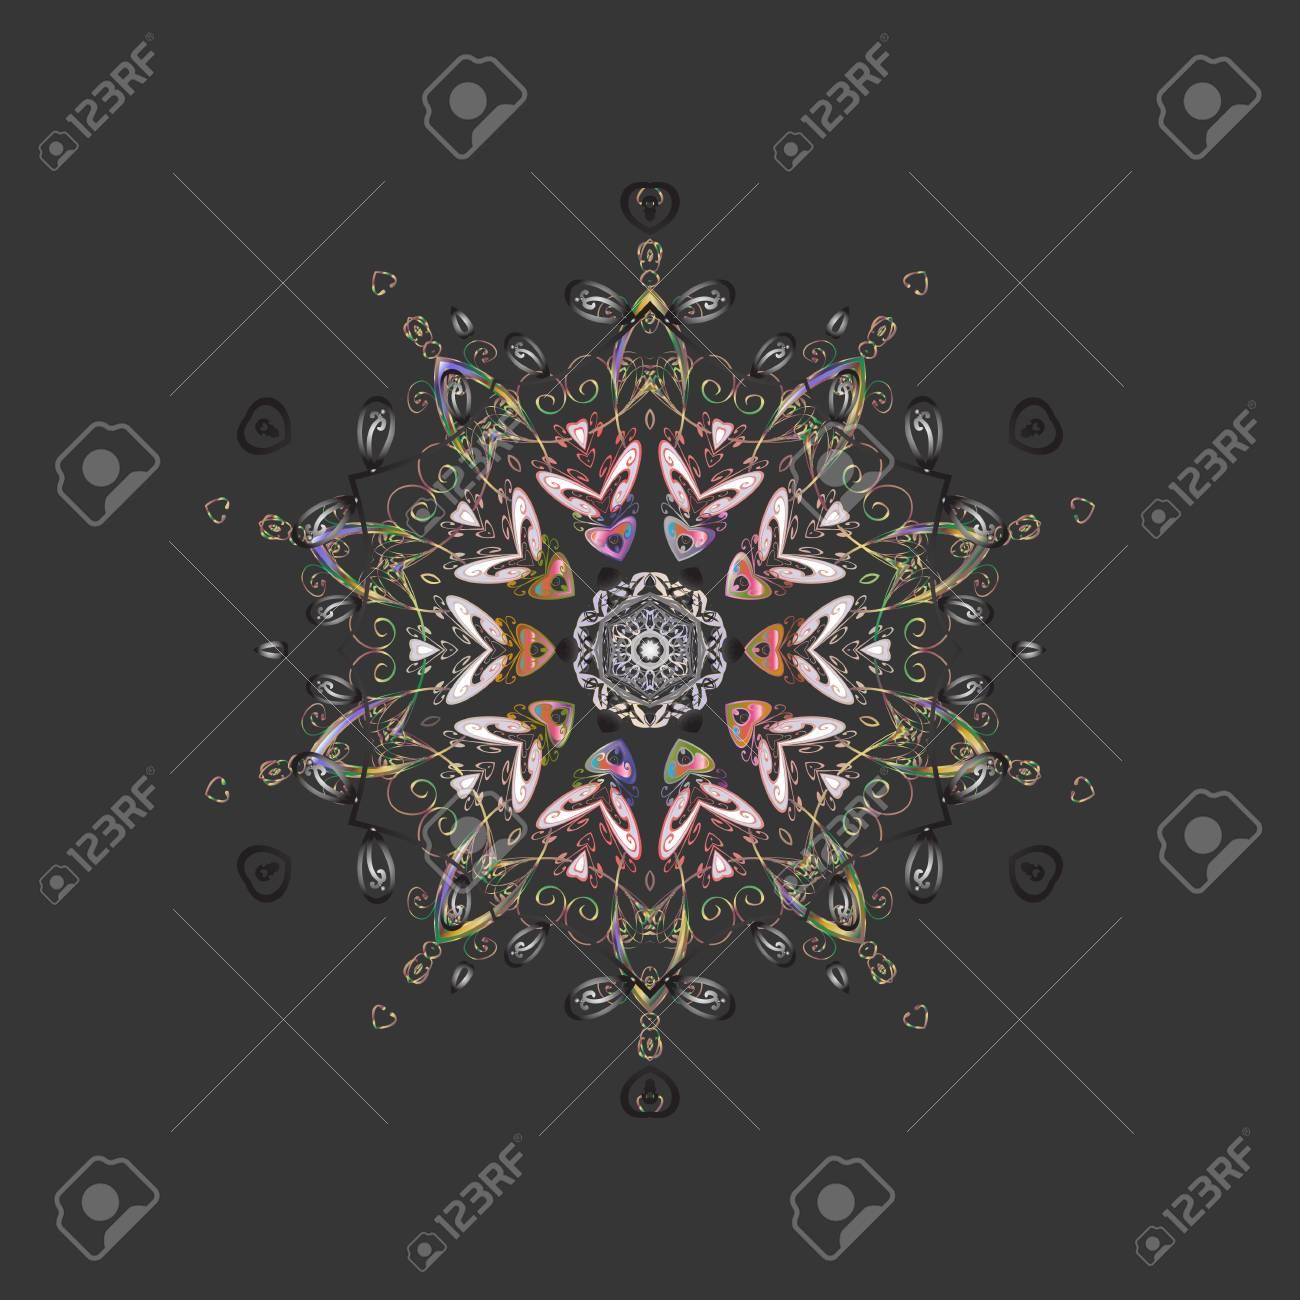 抽象的な壁紙 装飾をラップします グレー ニュートラルとピンク色のかわいいスノーフレーク 冬 メリー クリスマス 新年あけましておめでとうございますお祝いベクトル図のシンボルです シンプルな雪の結晶 のイラスト素材 ベクタ Image